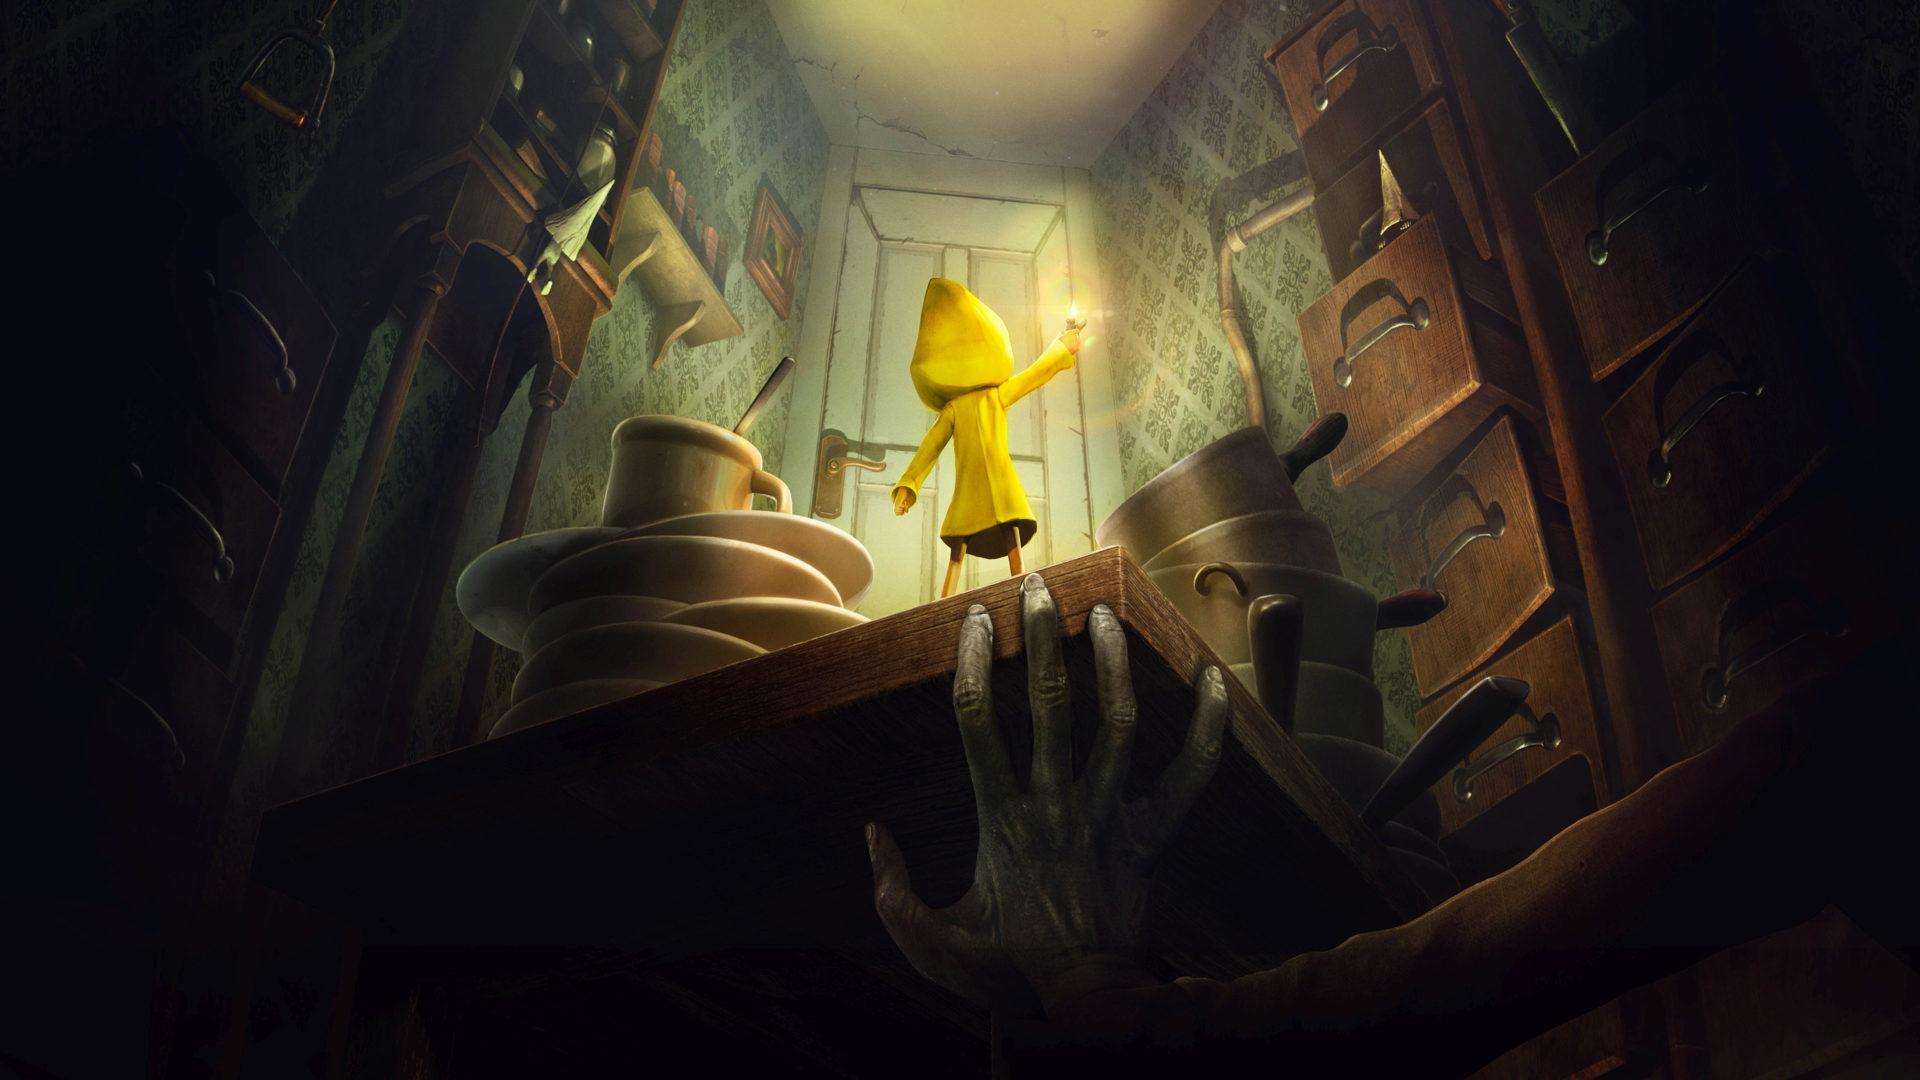 Fugas e puzzles no escuro